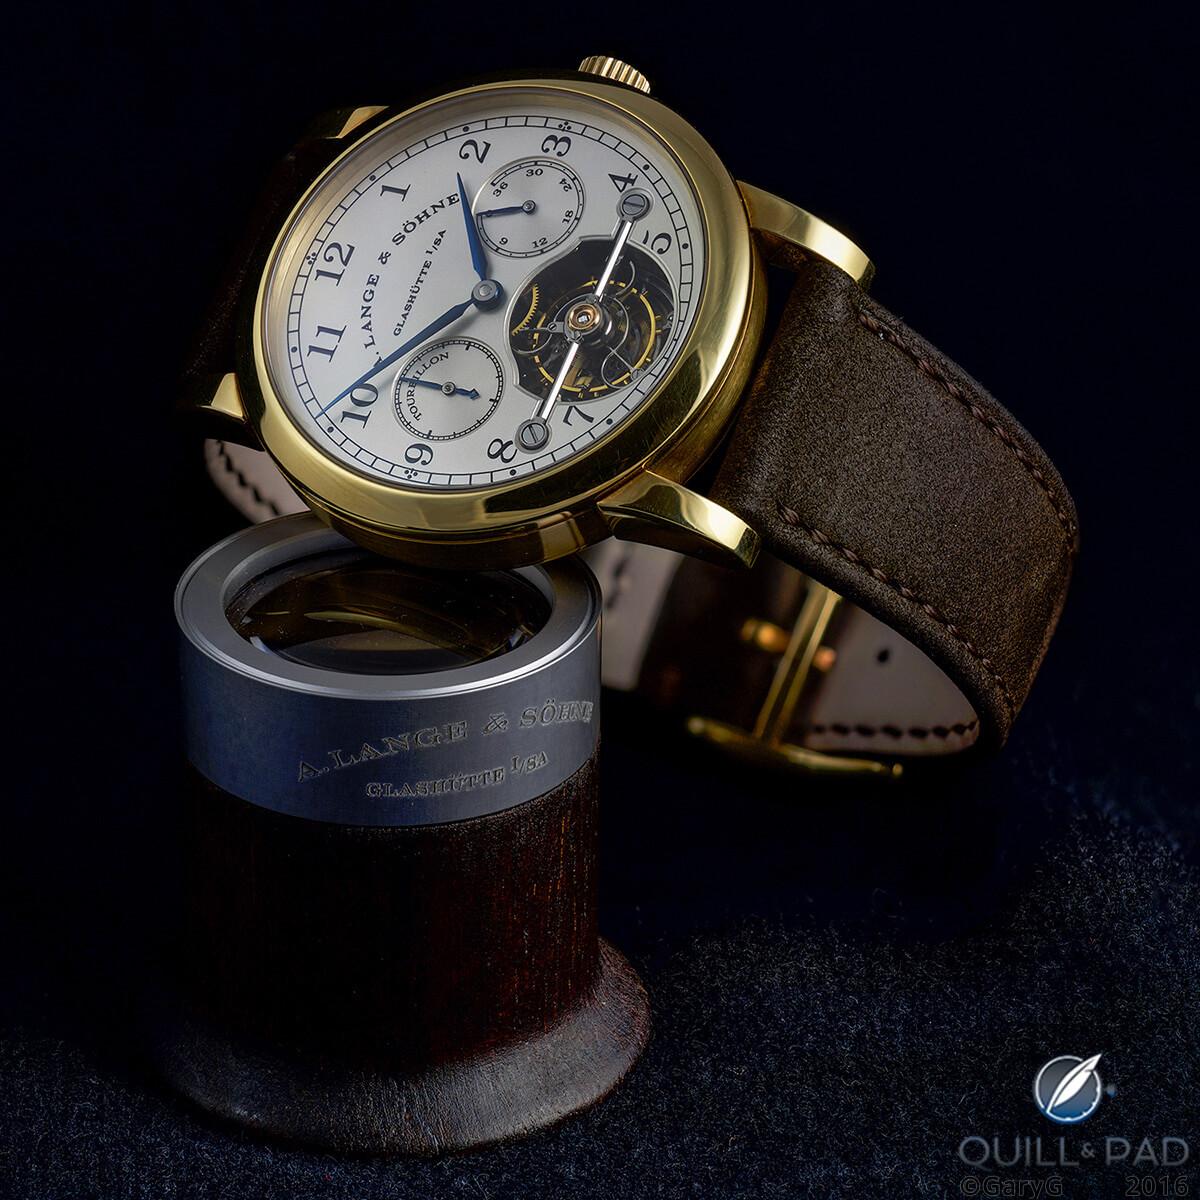 The author's first November auction purchase: A. Lange & Söhne Pour le Mérite Tourbillon